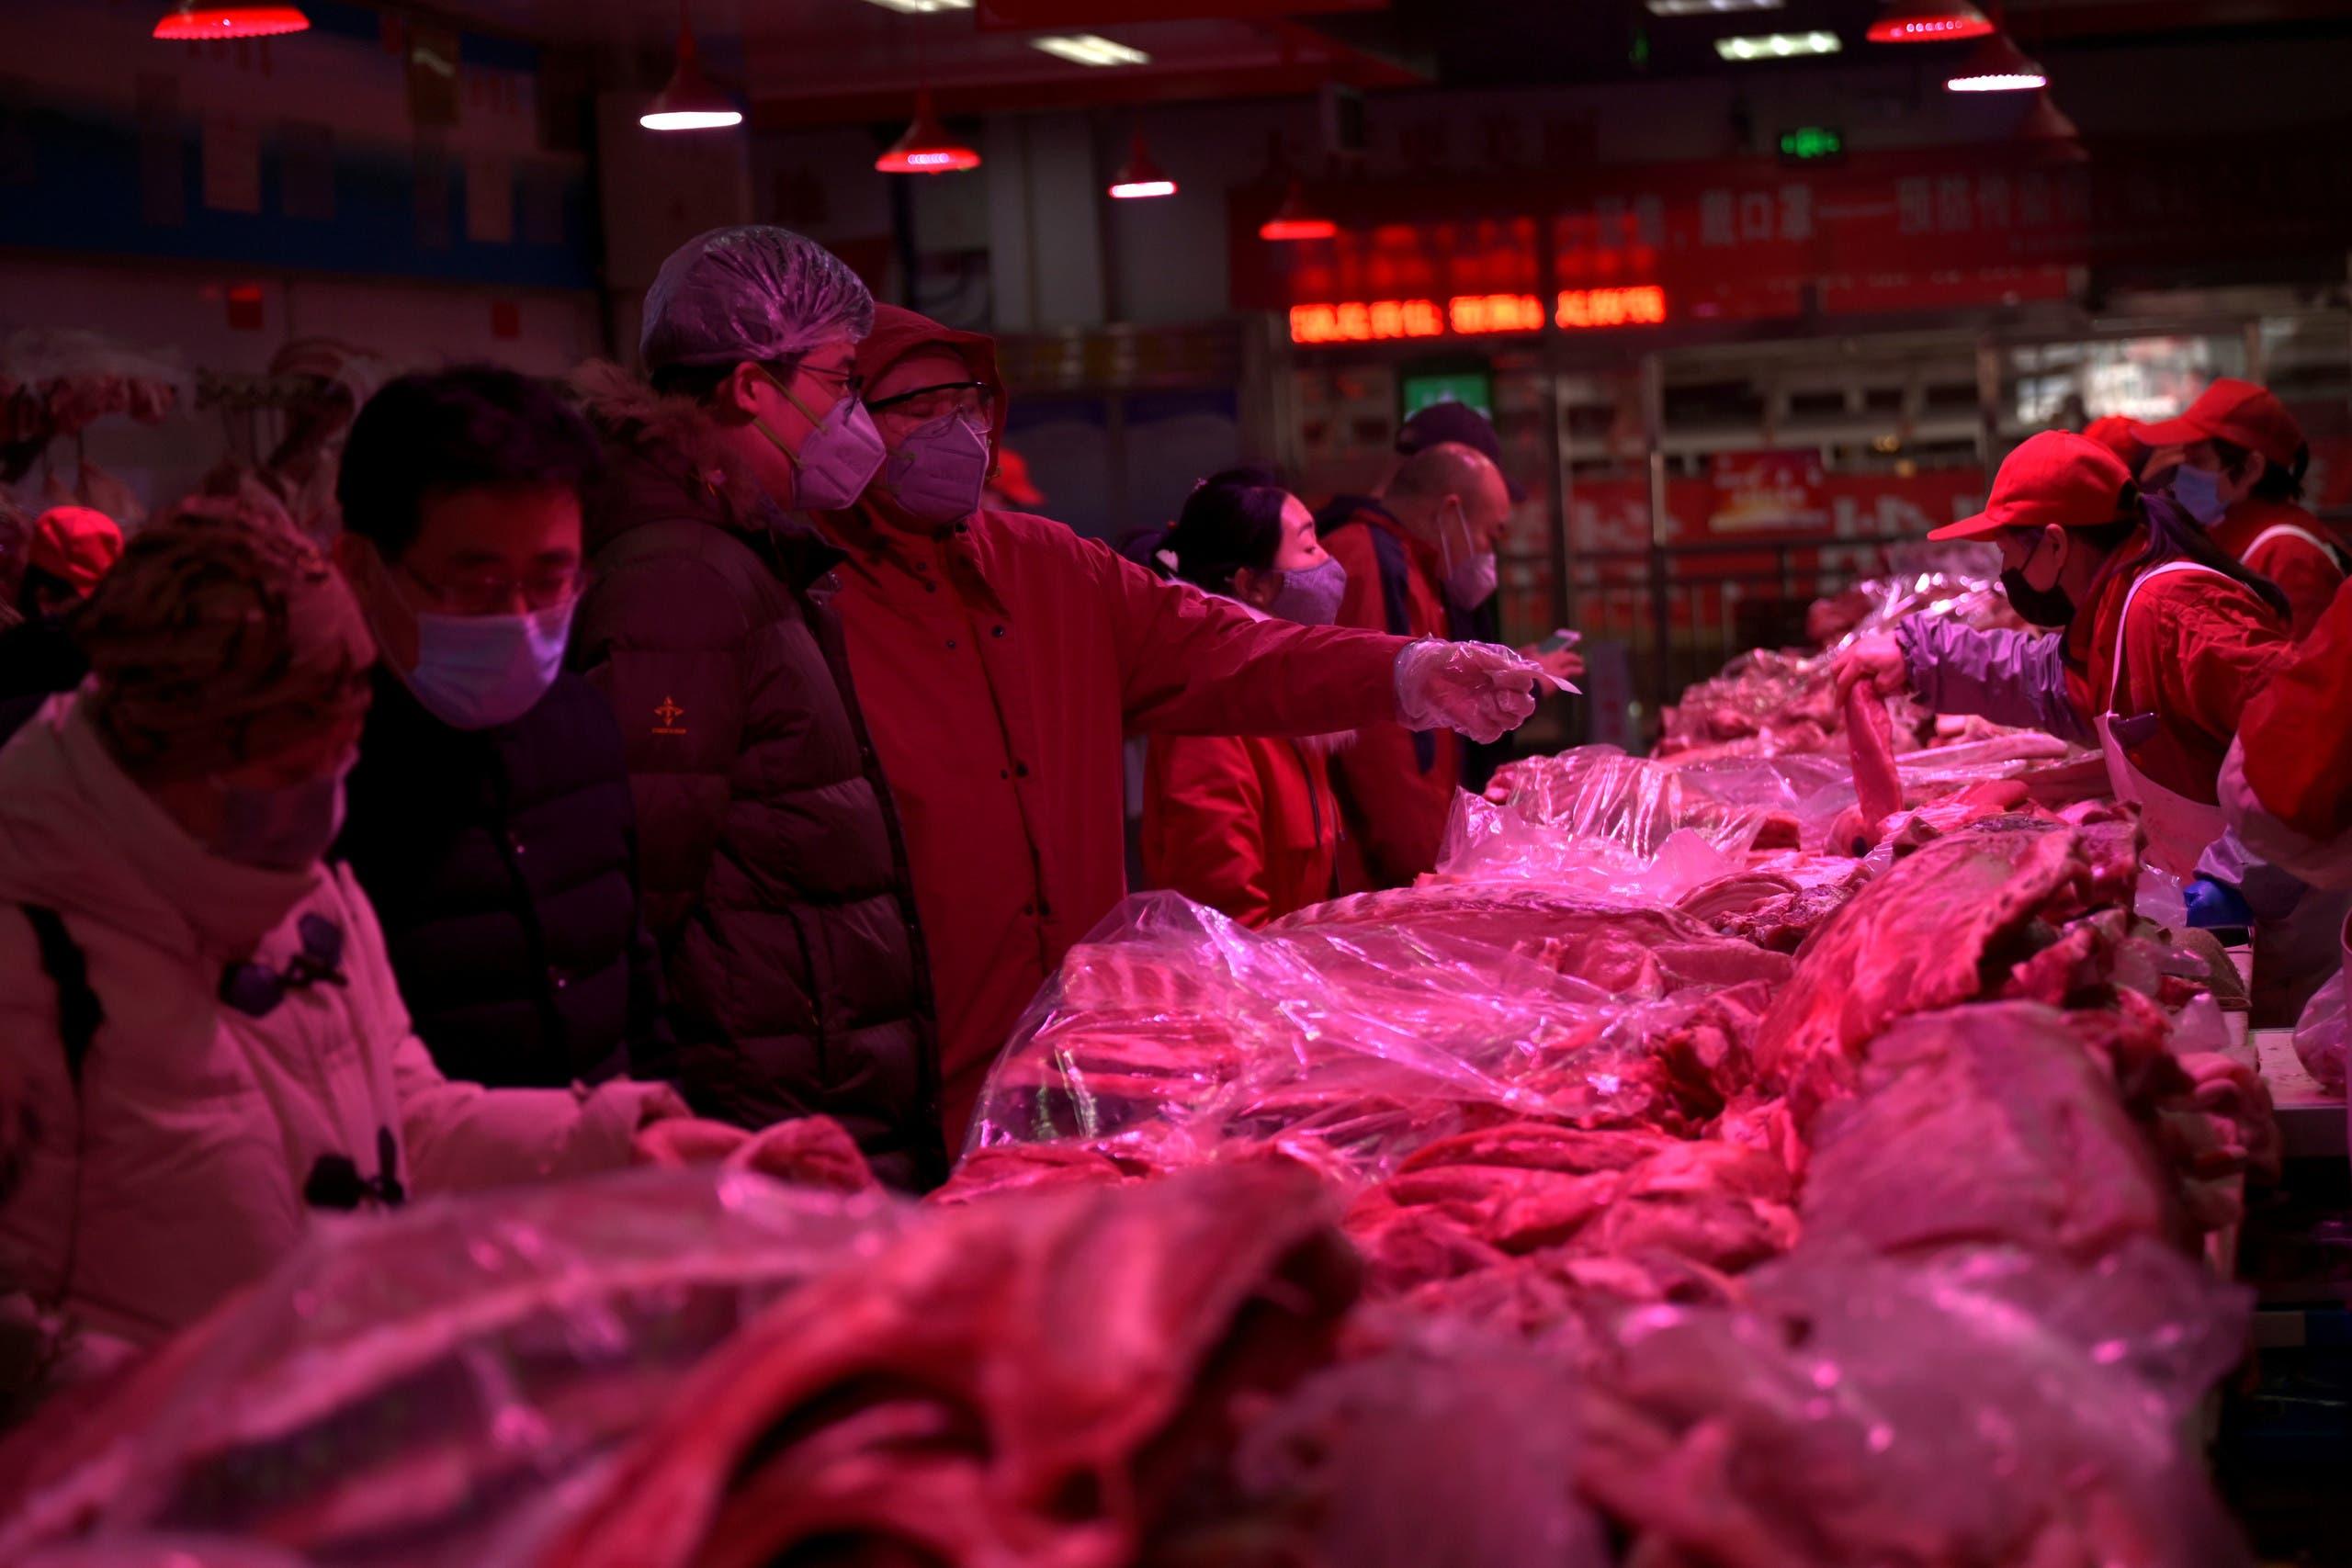 سوق تسينفادي لبيع الأغذية في العاصمة الصينية (أرشيفية- فرانس برس)